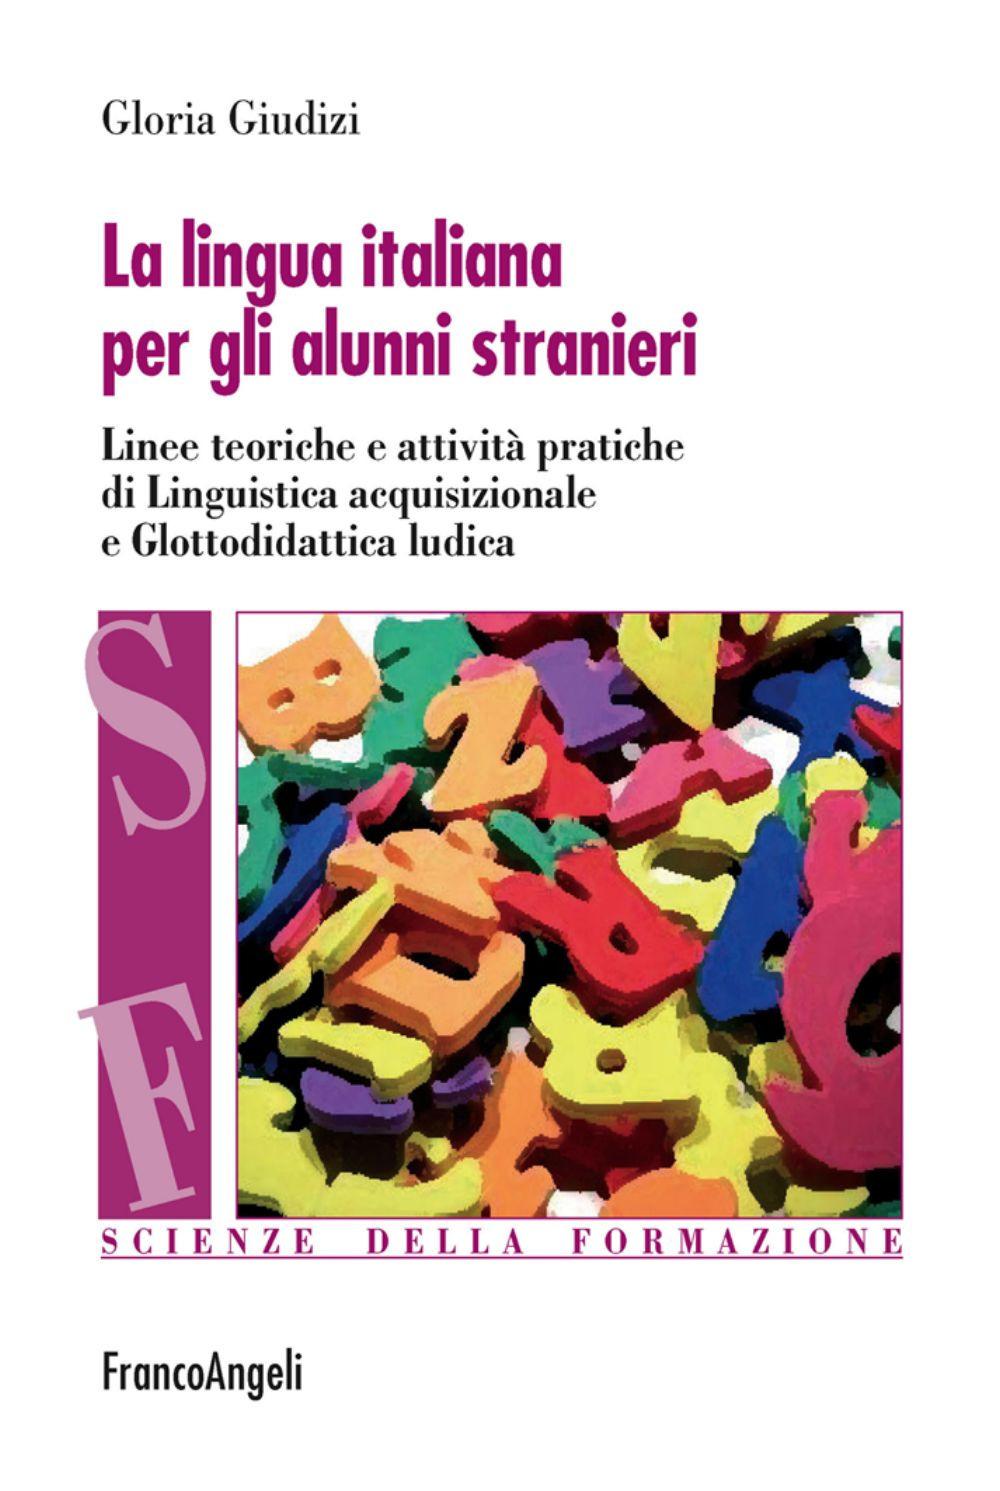 Image of La lingua italiana per gli alunni stranieri. Linee teoriche e attività pratiche di linguistica acquisizionale e glottodidattica ludica